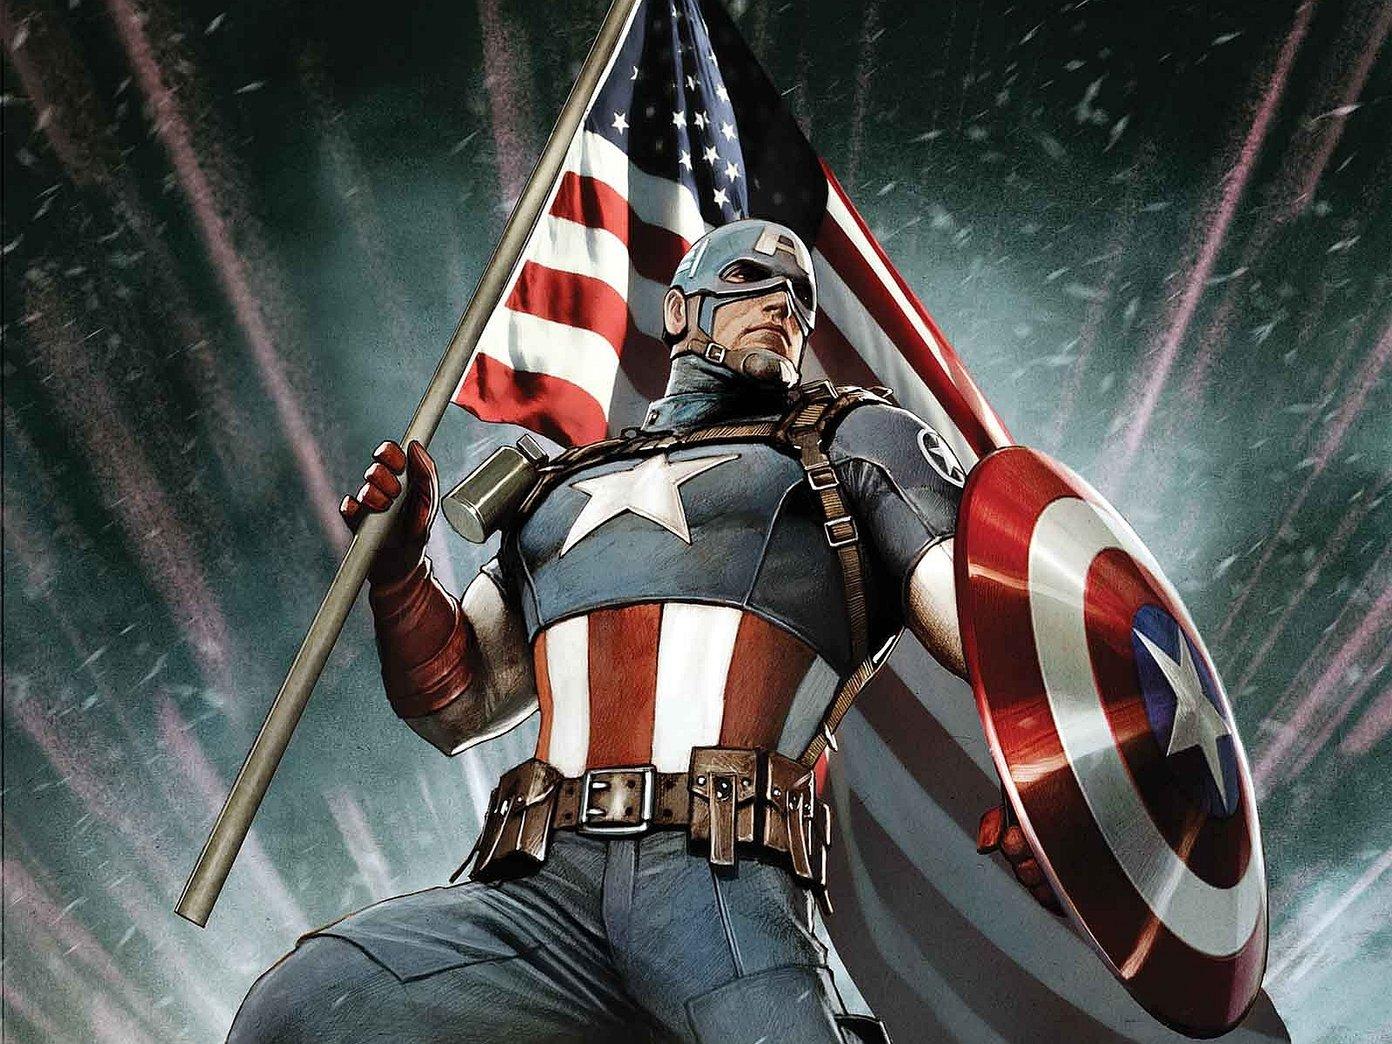 Los 10 mejores fondos de pantalla en HD del Capitán América que debes descargar 5